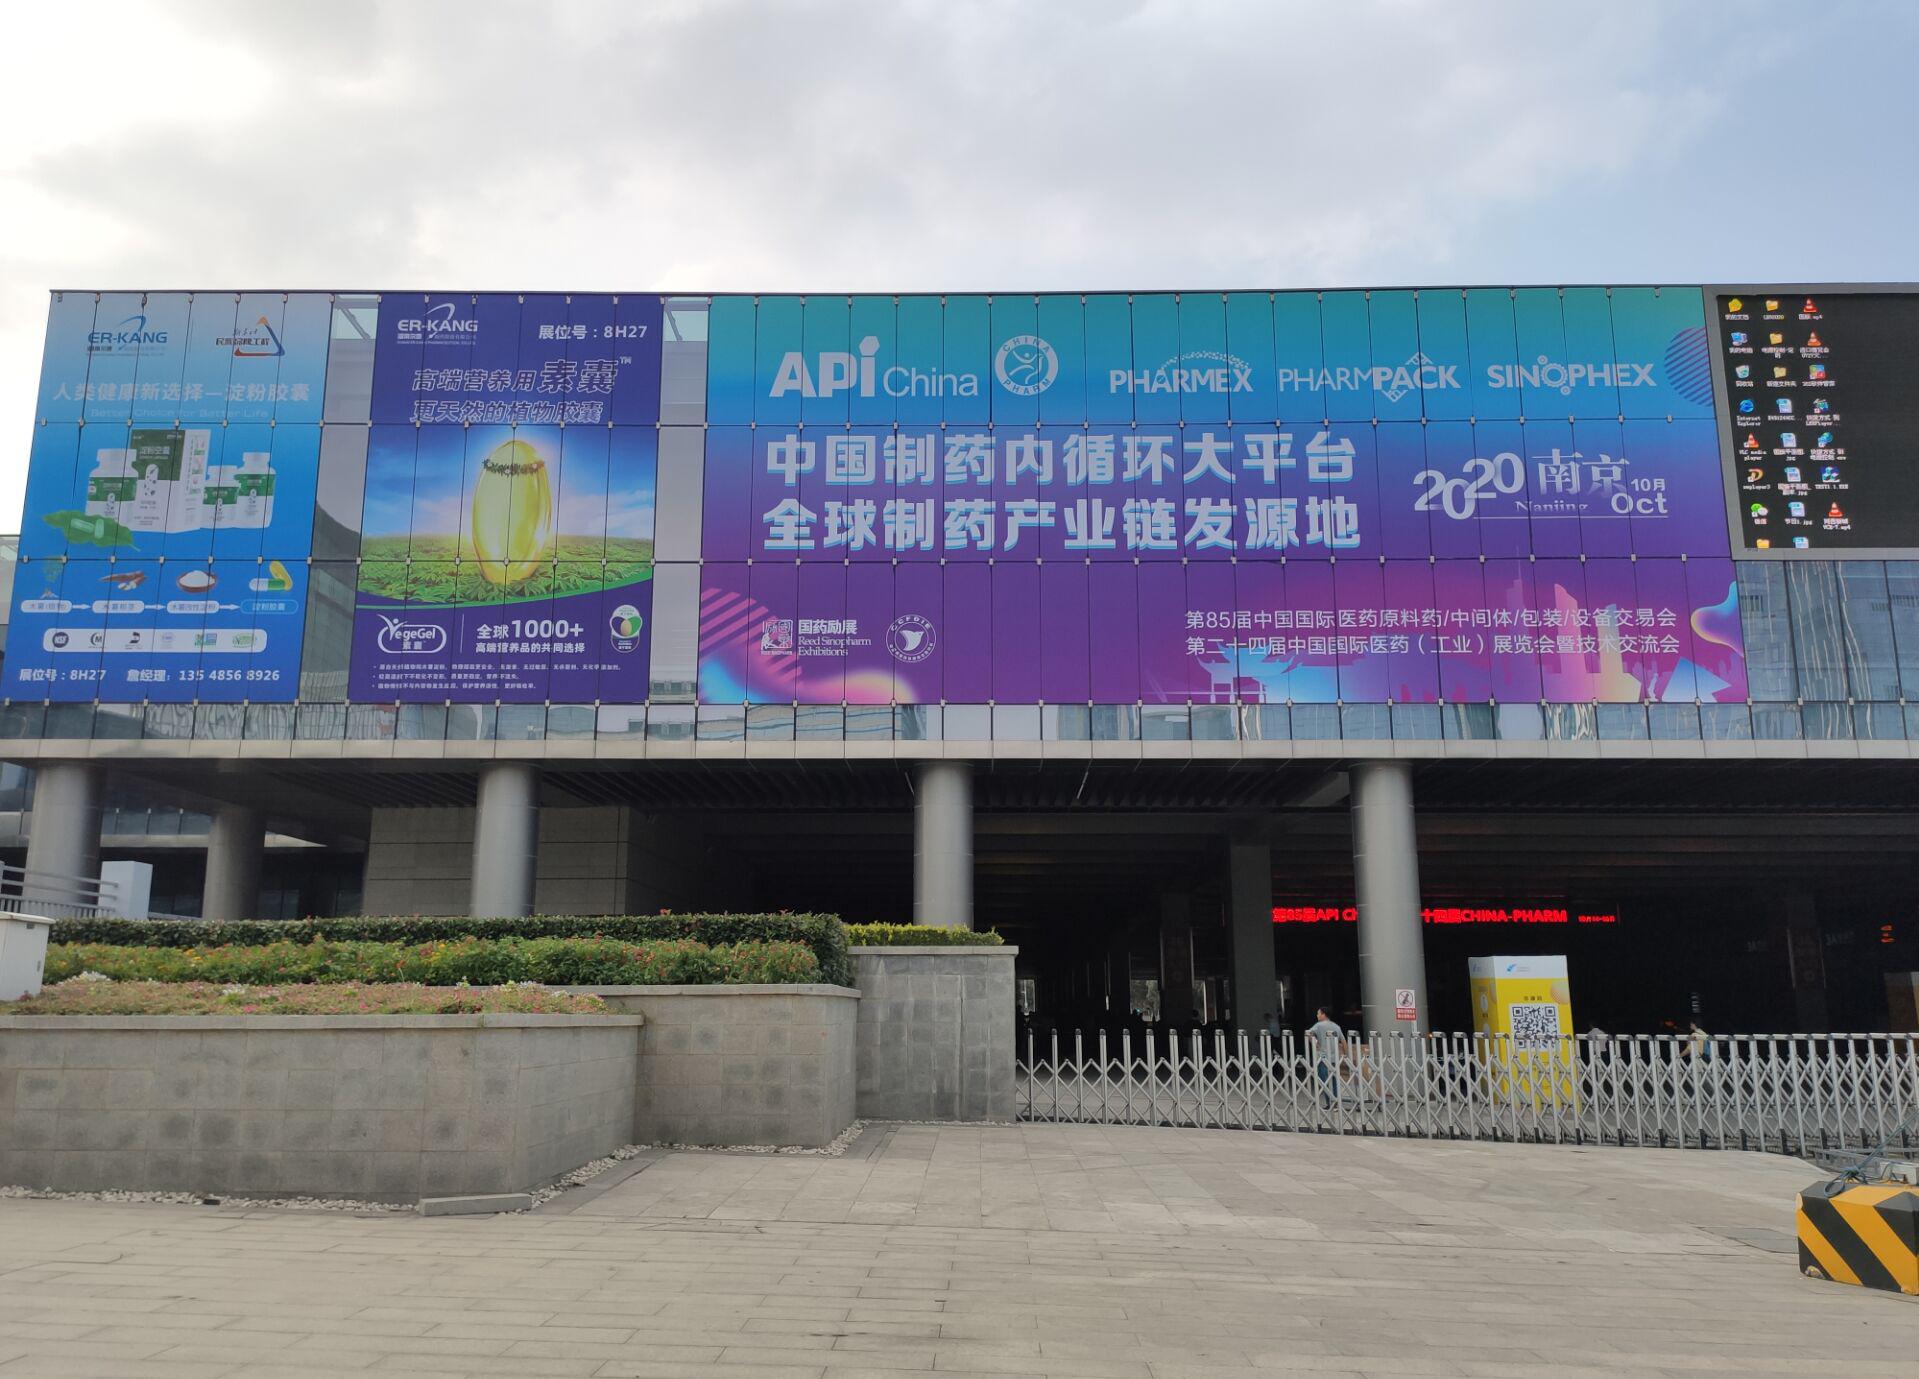 上千家名企齐聚南京API 携手共话医药行业新未来